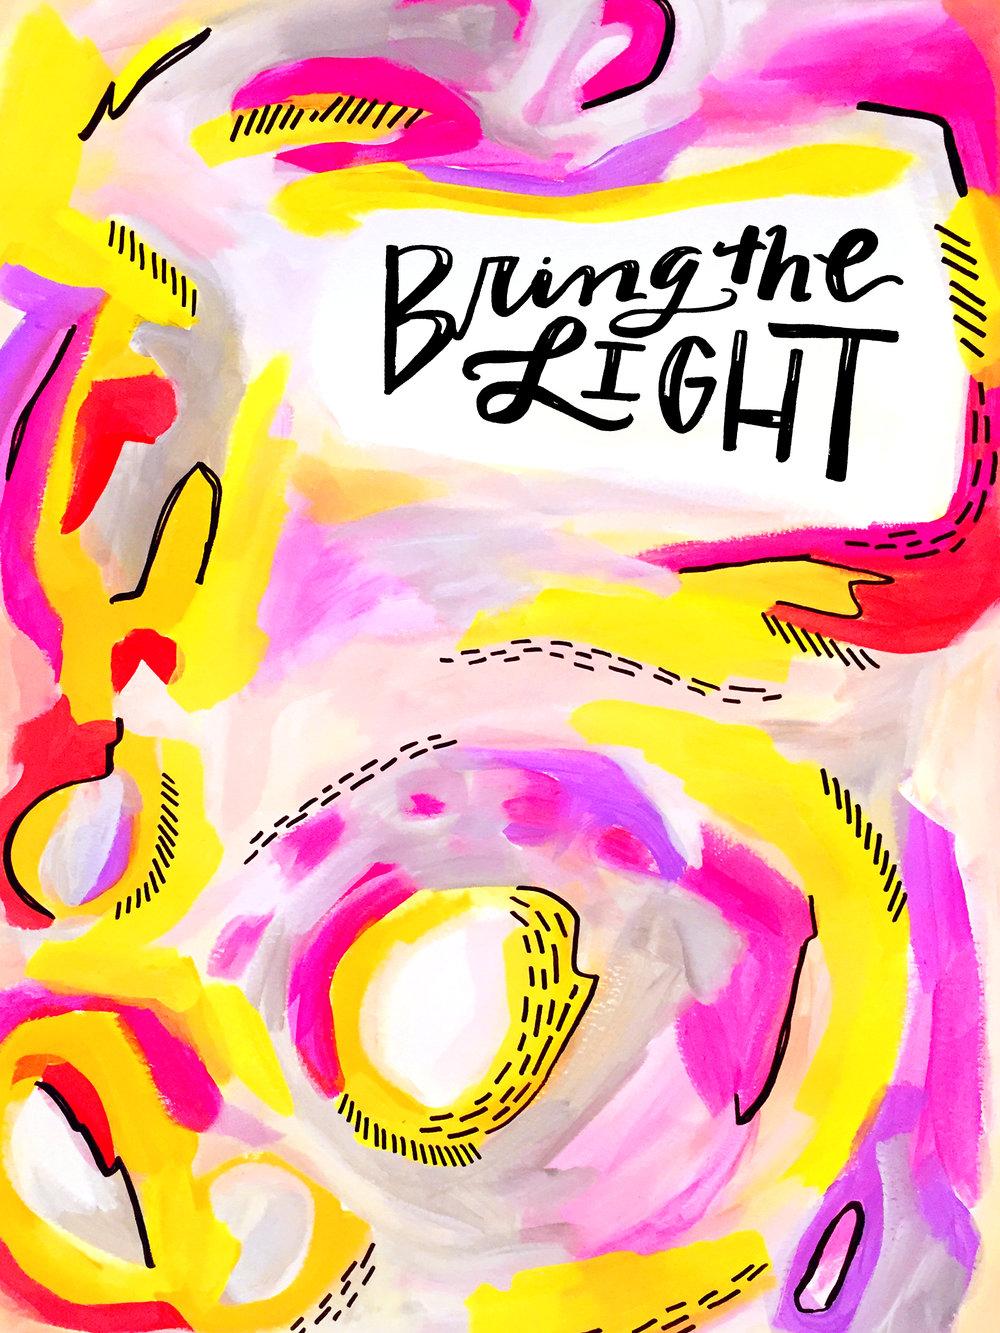 1/21/16: Light